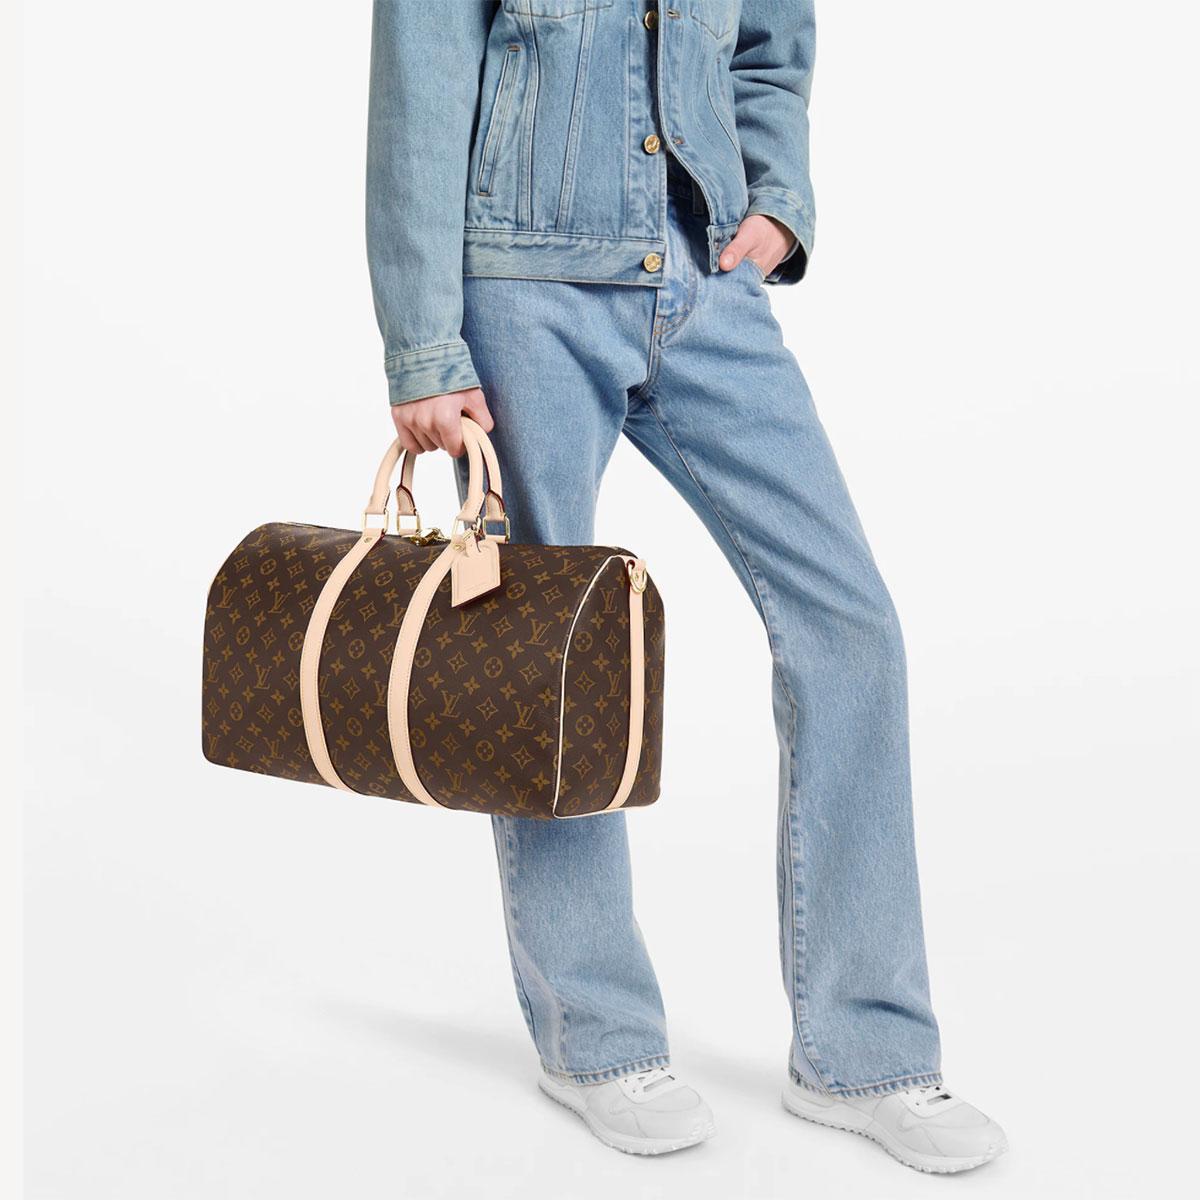 Băn khoăn có nên mua túi Louis Vuitton Keepall? Hãy đọc bài review này 6